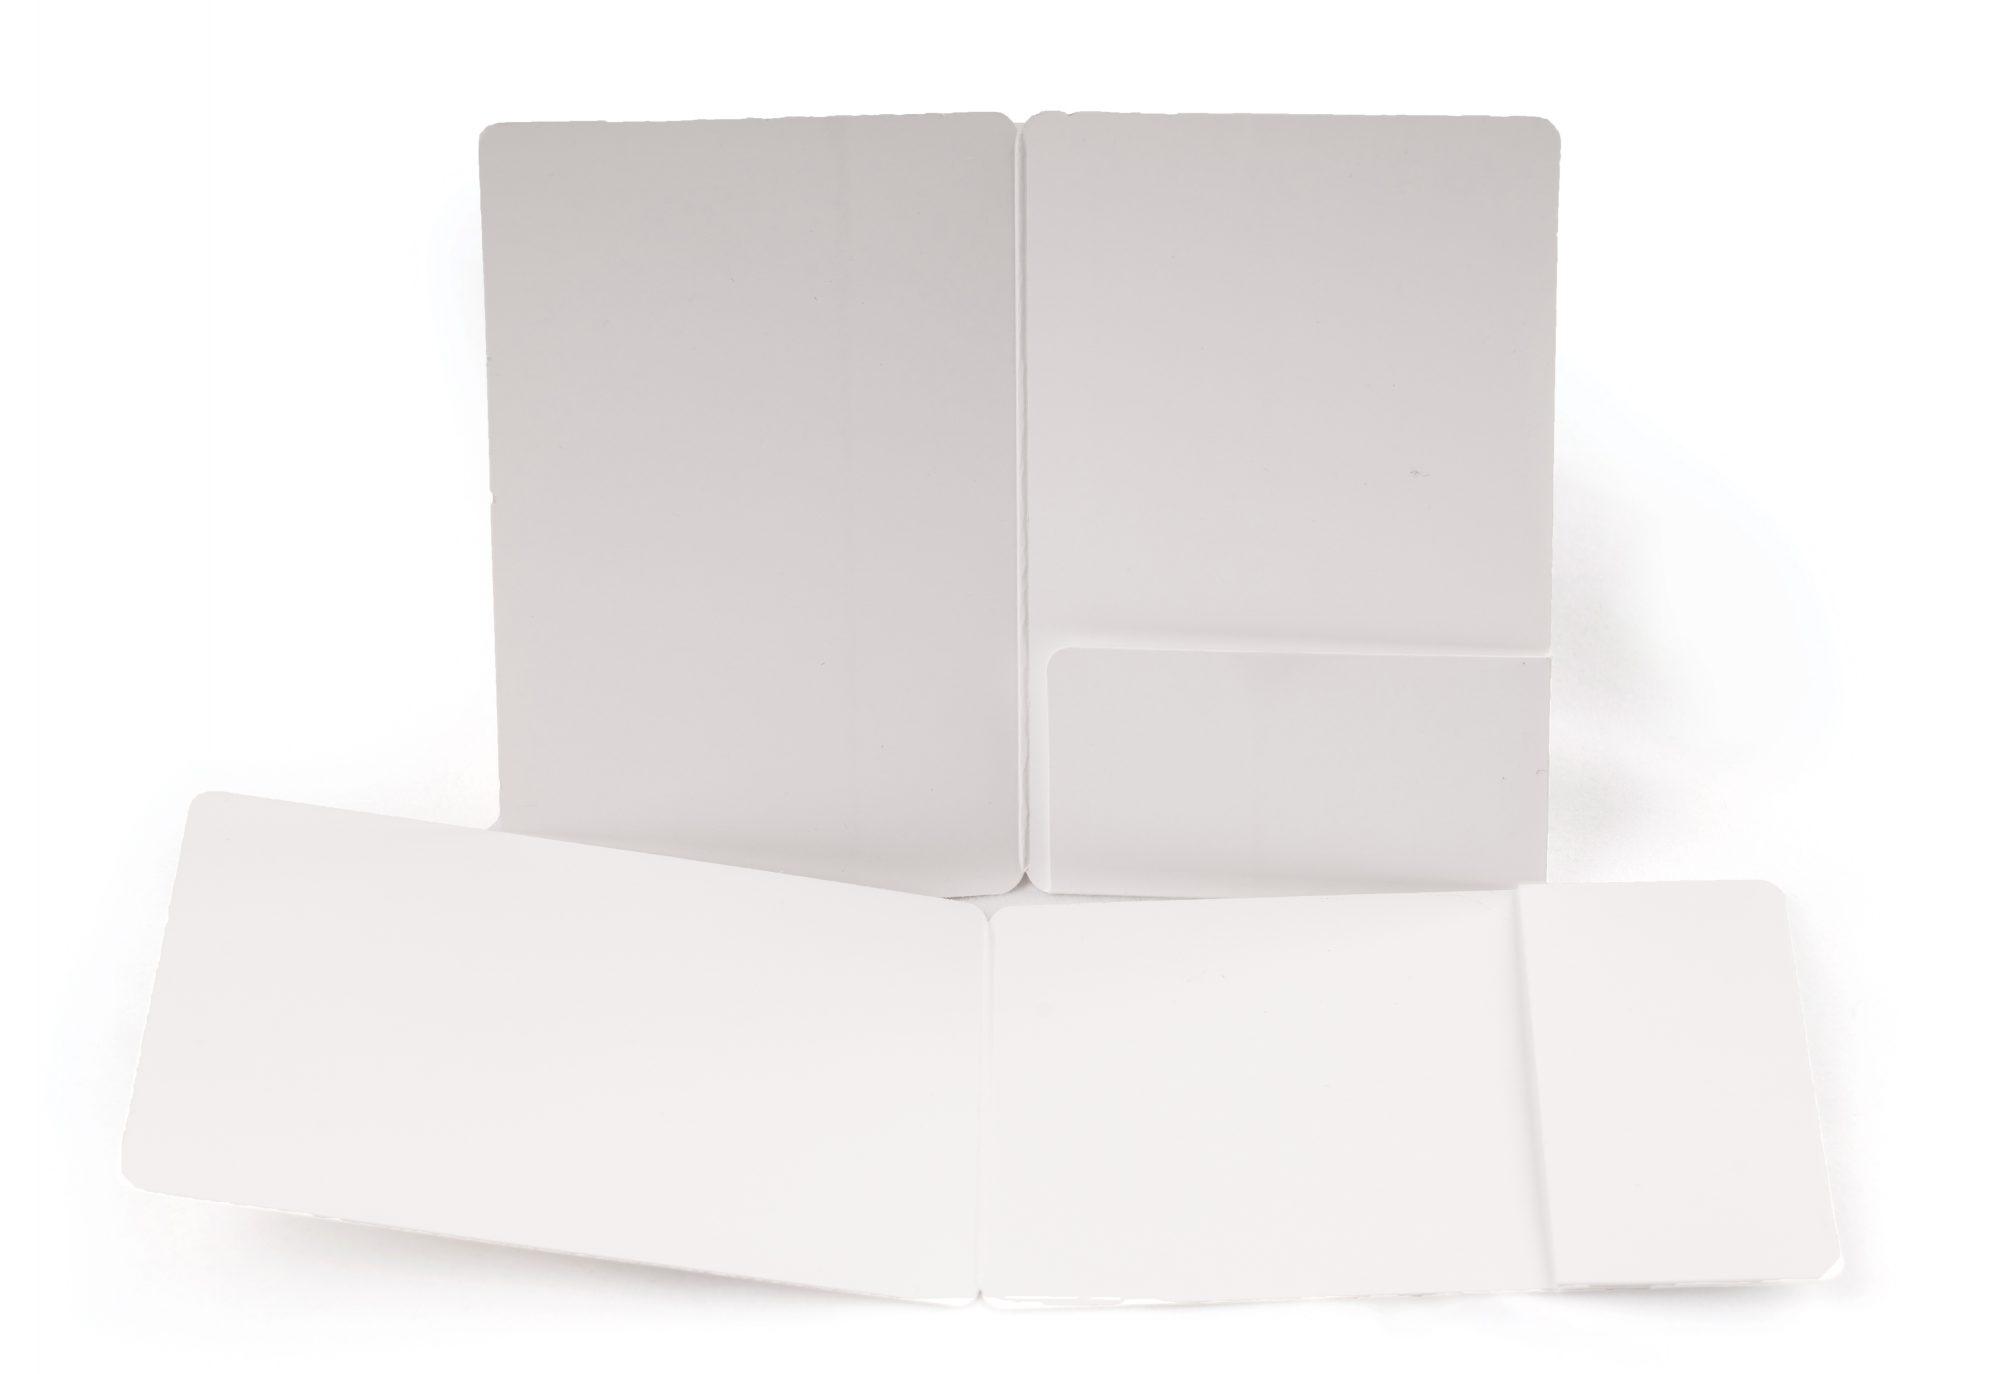 Karton-Kartenhüllen hoch und quer mit einer Einschublasche rechts